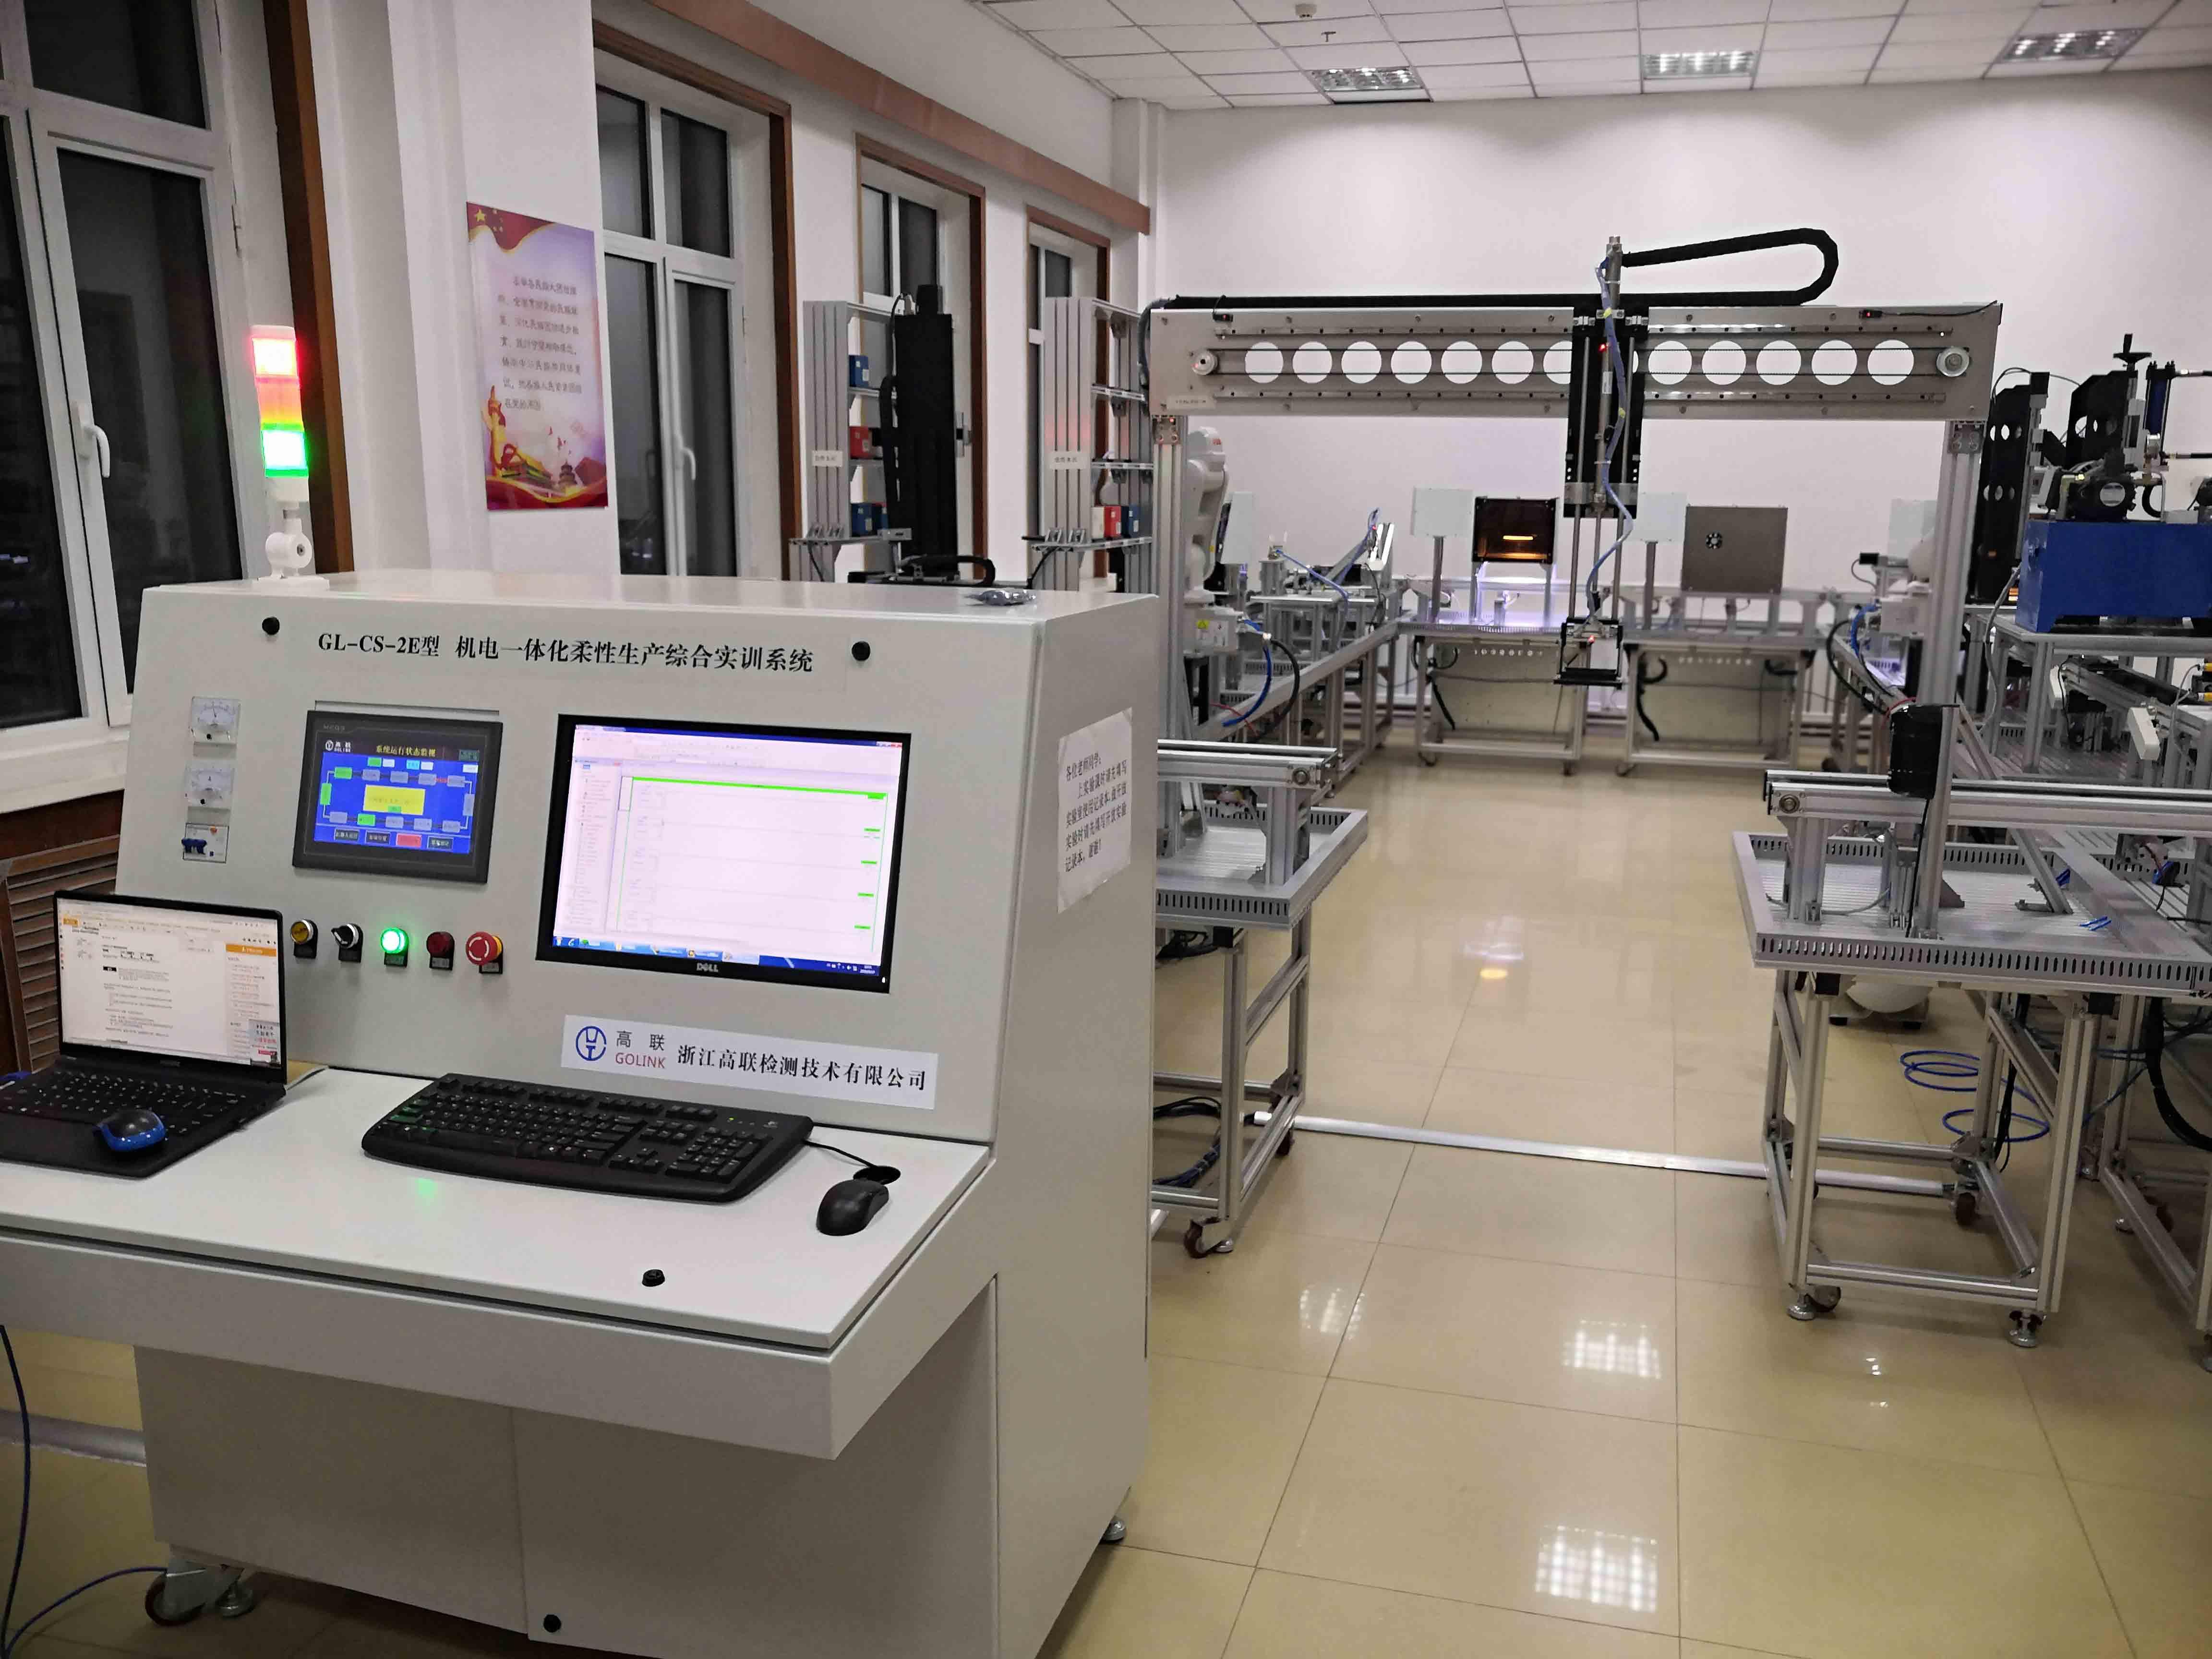 GL-CS-2E型 机电一体化柔性生产综合实训系统